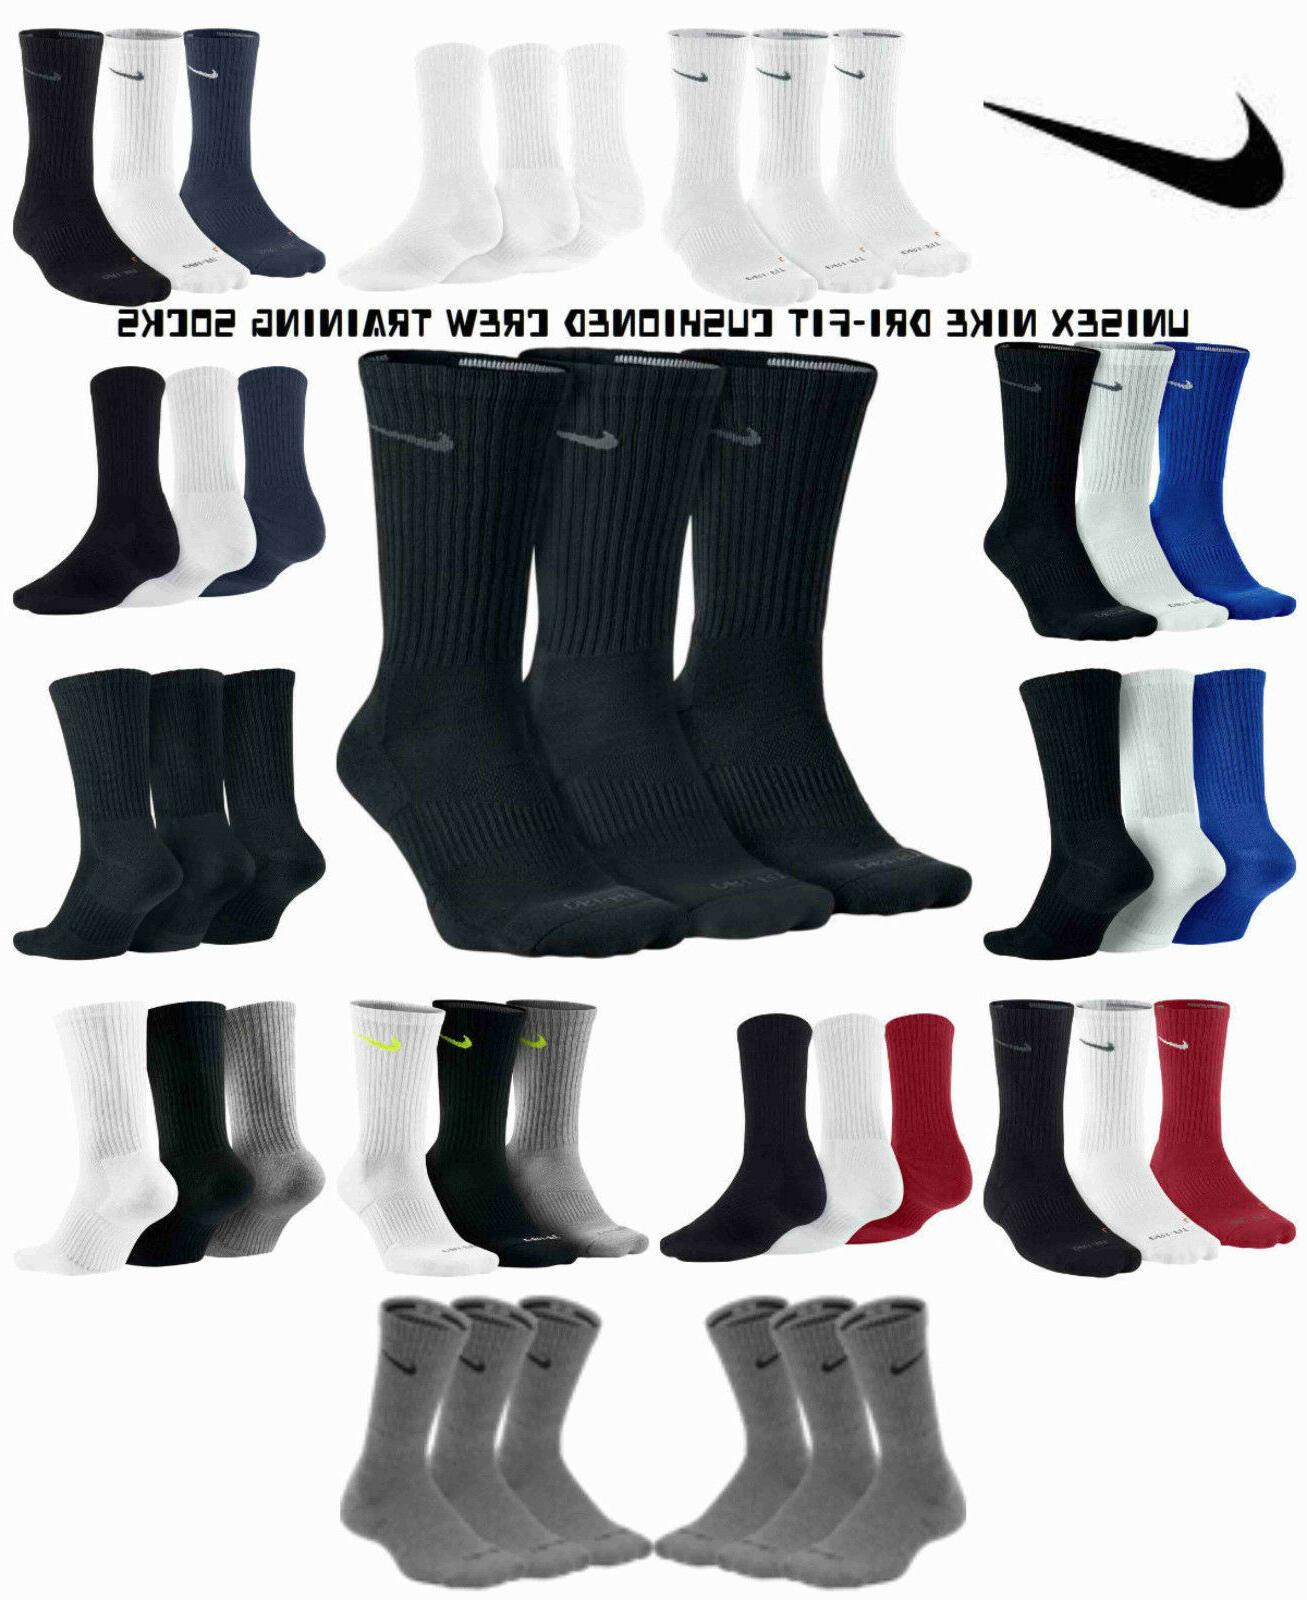 unisex dri fit cushion crew socks 3